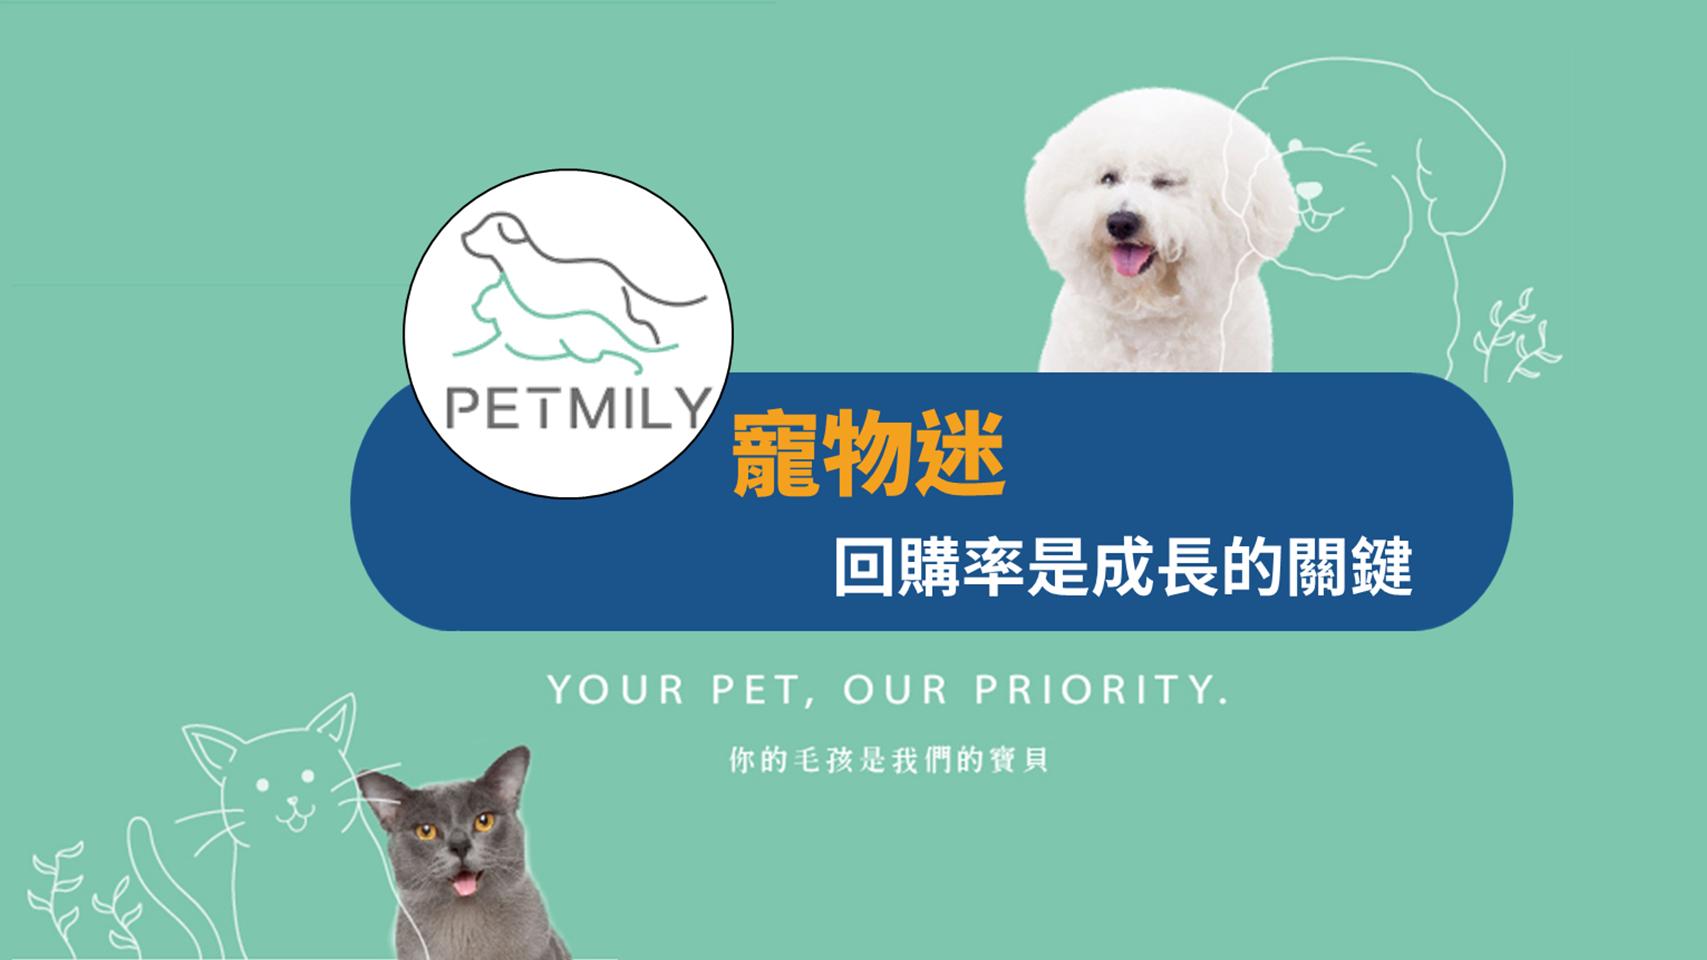 寵物迷 揭露回購率是廣告費變貴下成長的關鍵